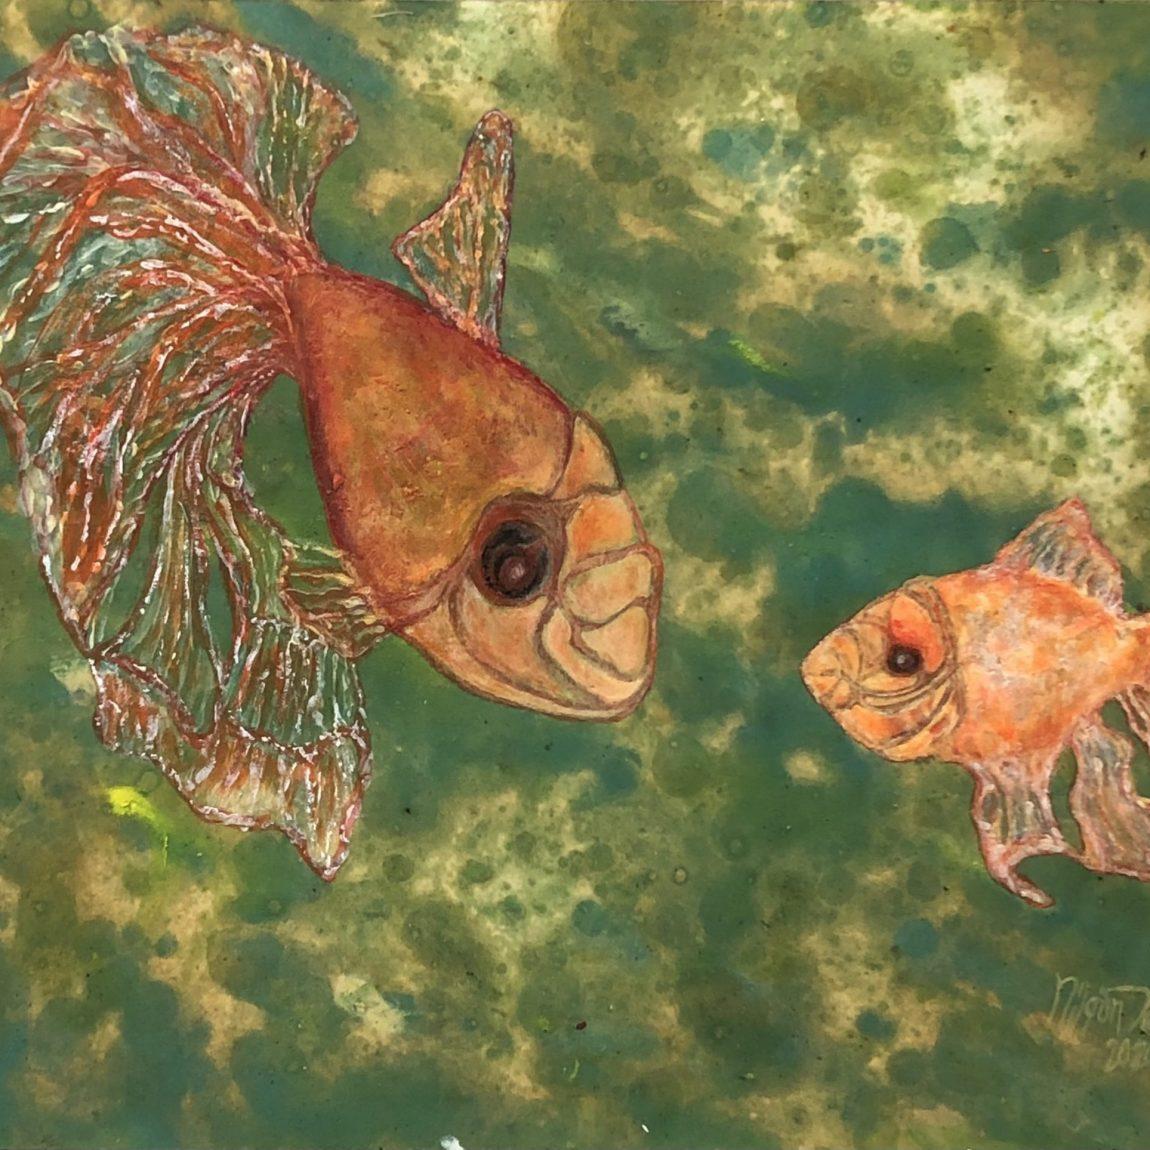 NİLGÜN TEMİZ - Eser Adı : Gölde Balıklar  Teknik: Yağlı Ebru Kağıdı Üzeri Akrilik Ölçü: 25 x 34 cm  Fiyat : 2.360 TL